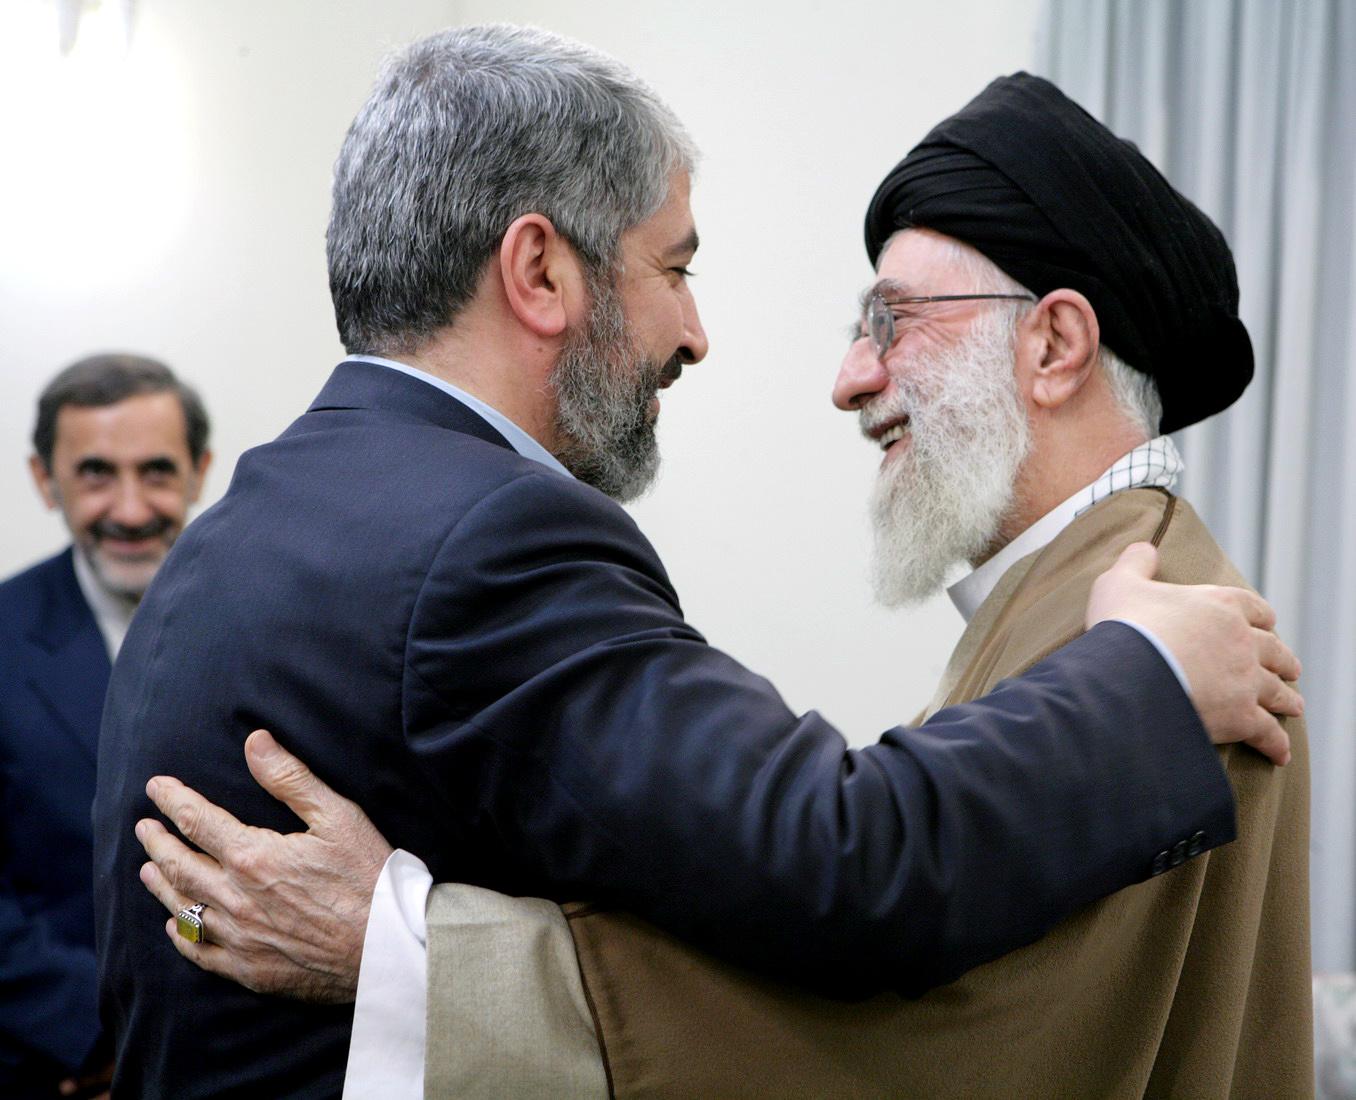 """ارتباط حماس و عربستان سعودی، بخشی از """"پروژهای بزرگ"""" علیه ایران"""